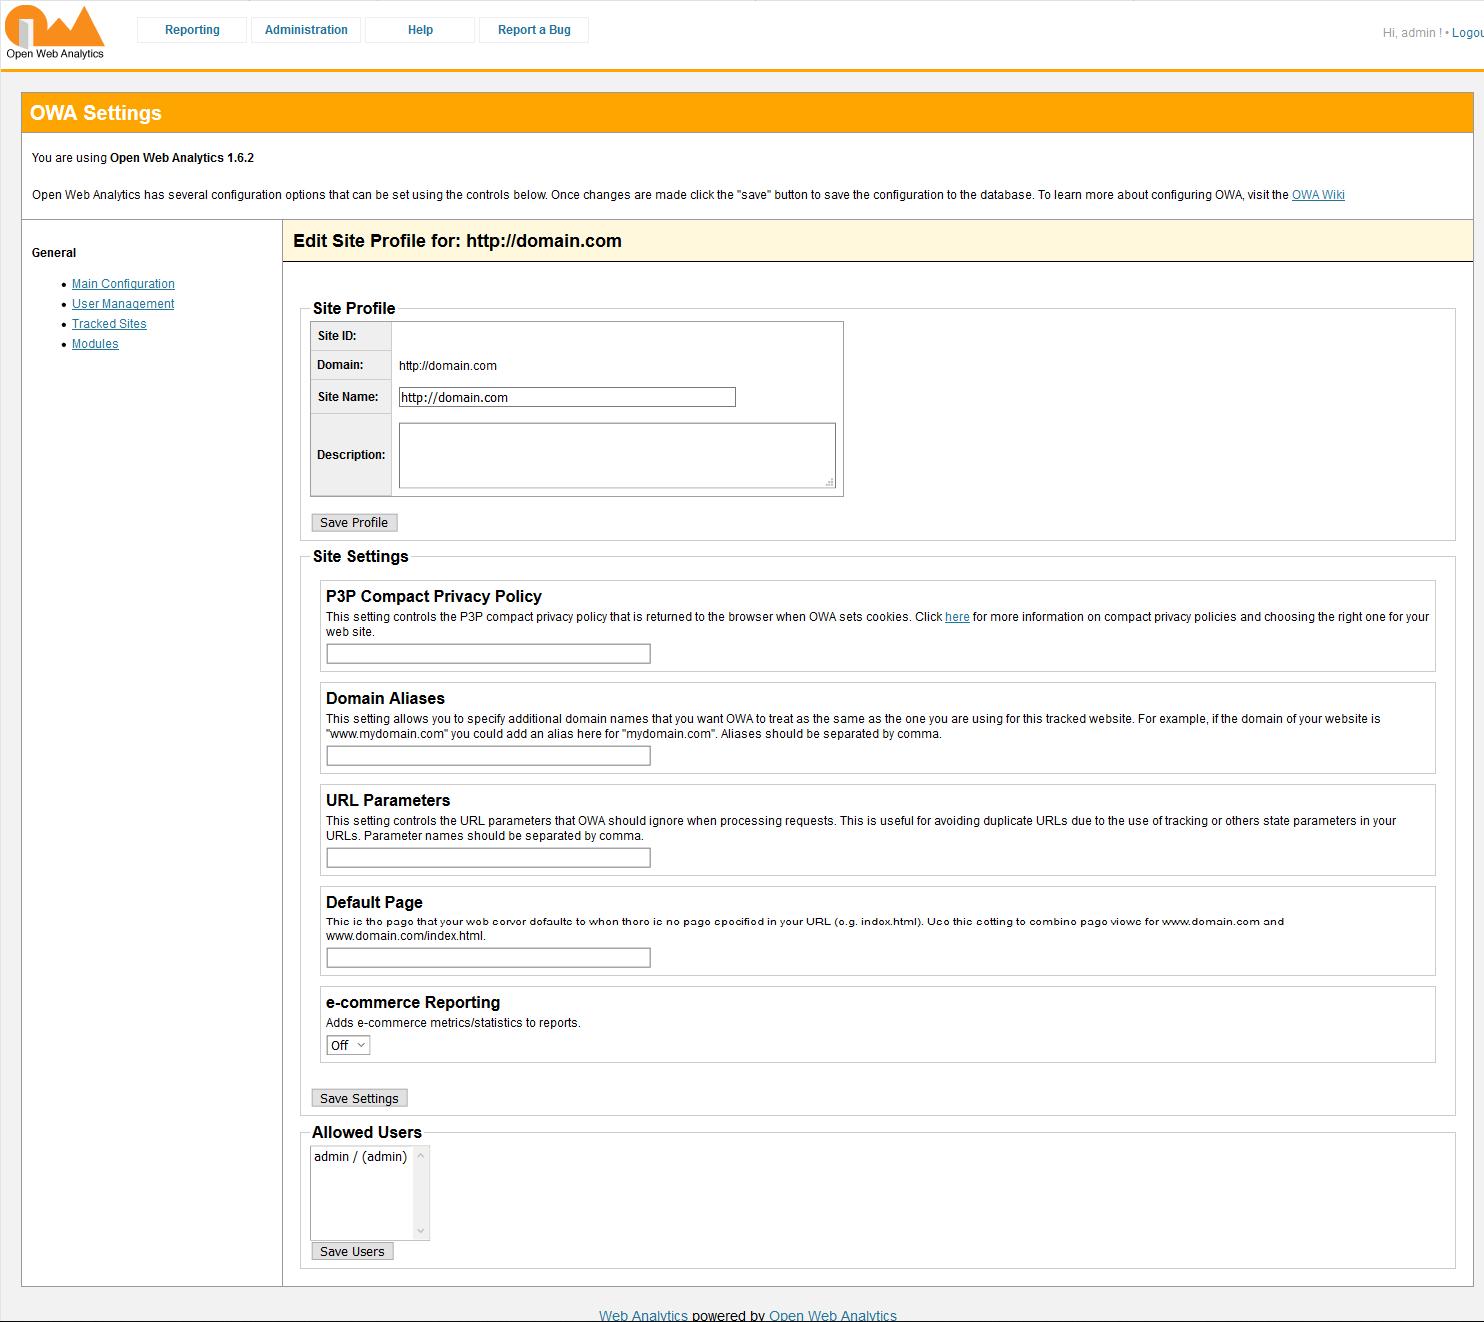 Open Web Analytics site profile